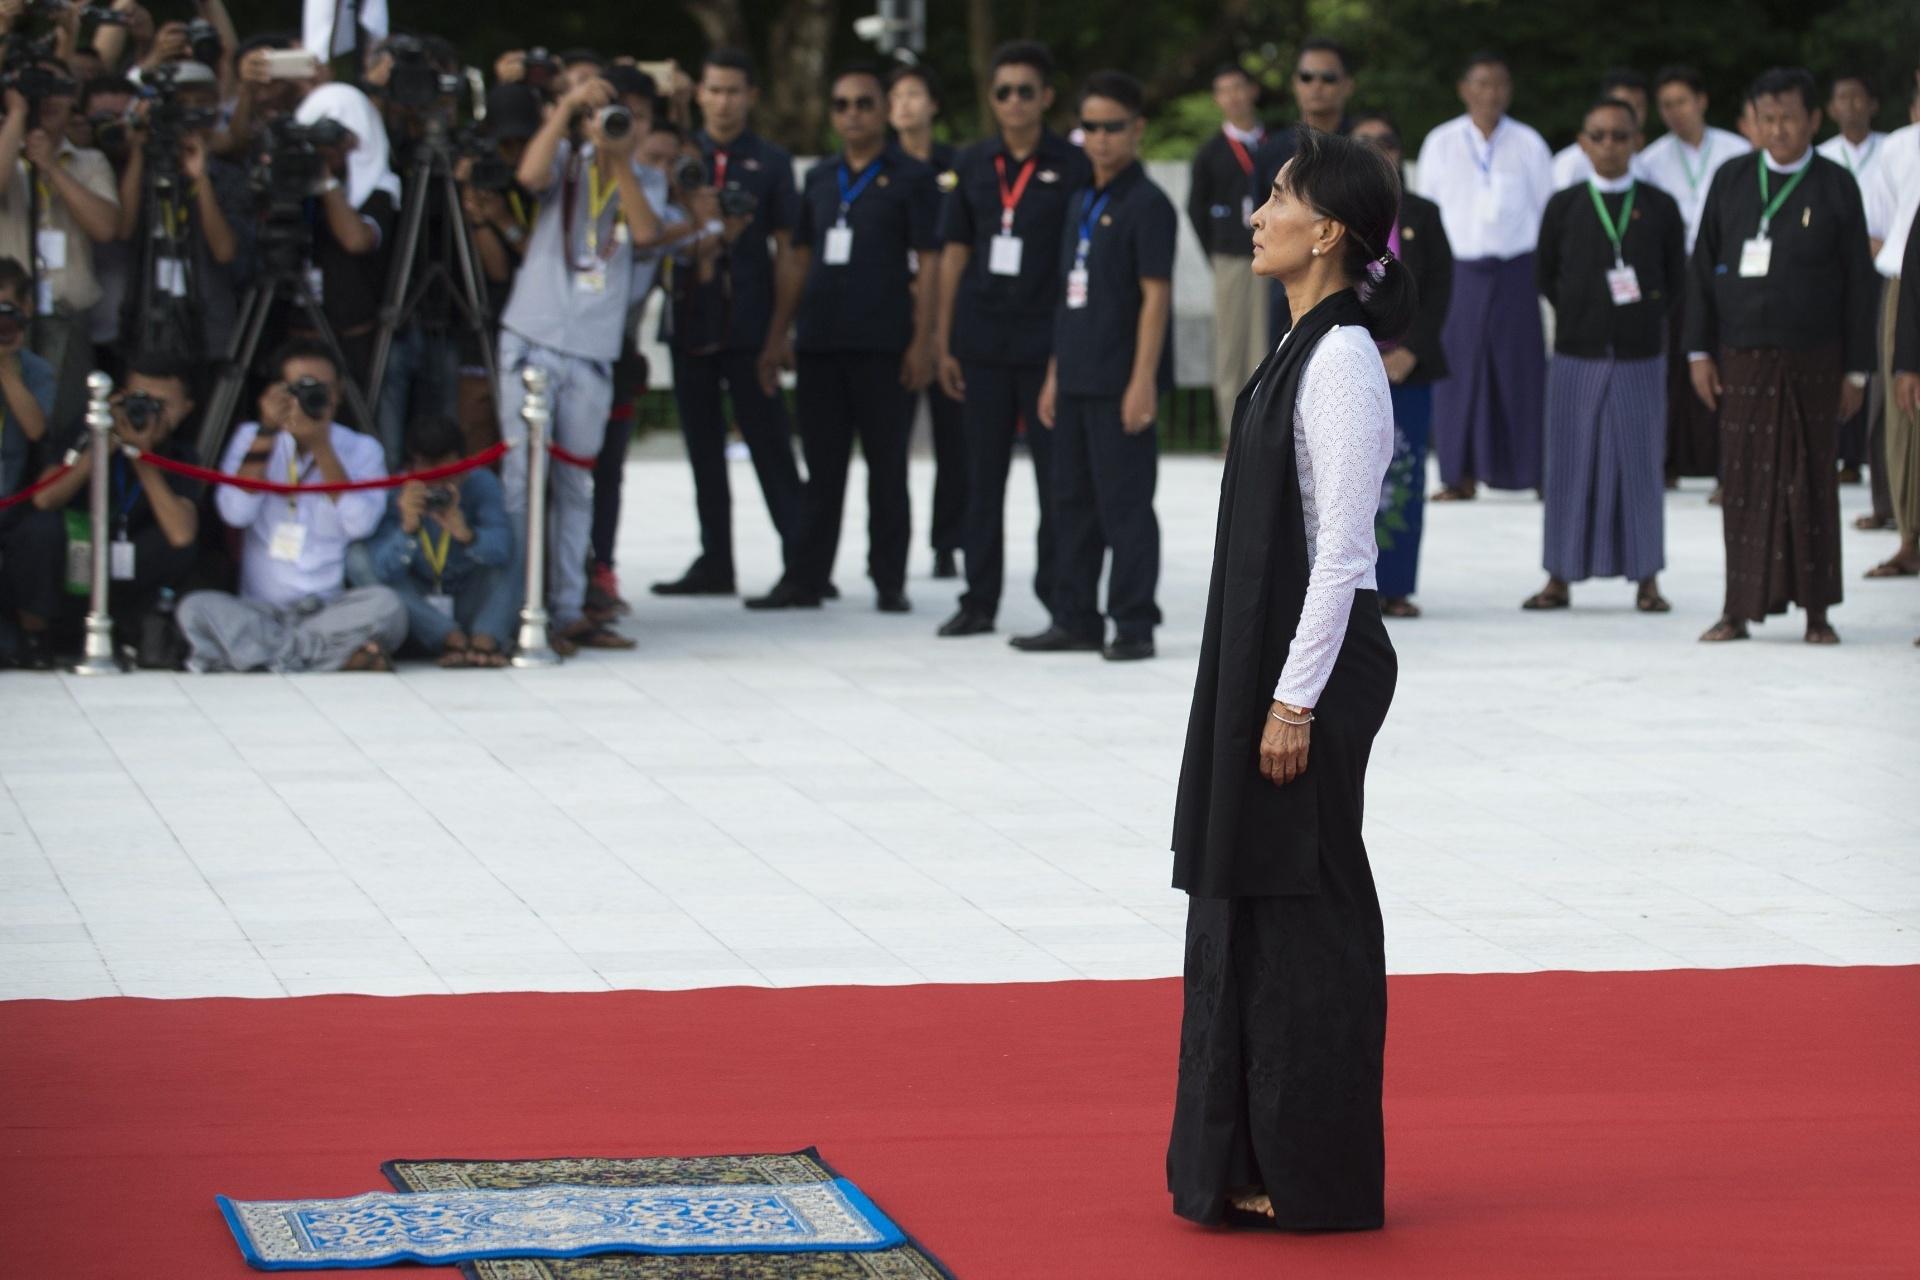 19.jul.2016 - A ministra das Relações Exteriores de Mianmar e Nobel da Paz, Aung San Suu Kyi, presta homenagem a seu pai, Aung San, no dia do aniversário de sua morte. Considerado herói de guerra e um dos fundadores do país, Aung San foi assassinado no dia 19 de julho de 1947, seis meses antes da independência de Mianmar que até então era colônia da Inglaterra